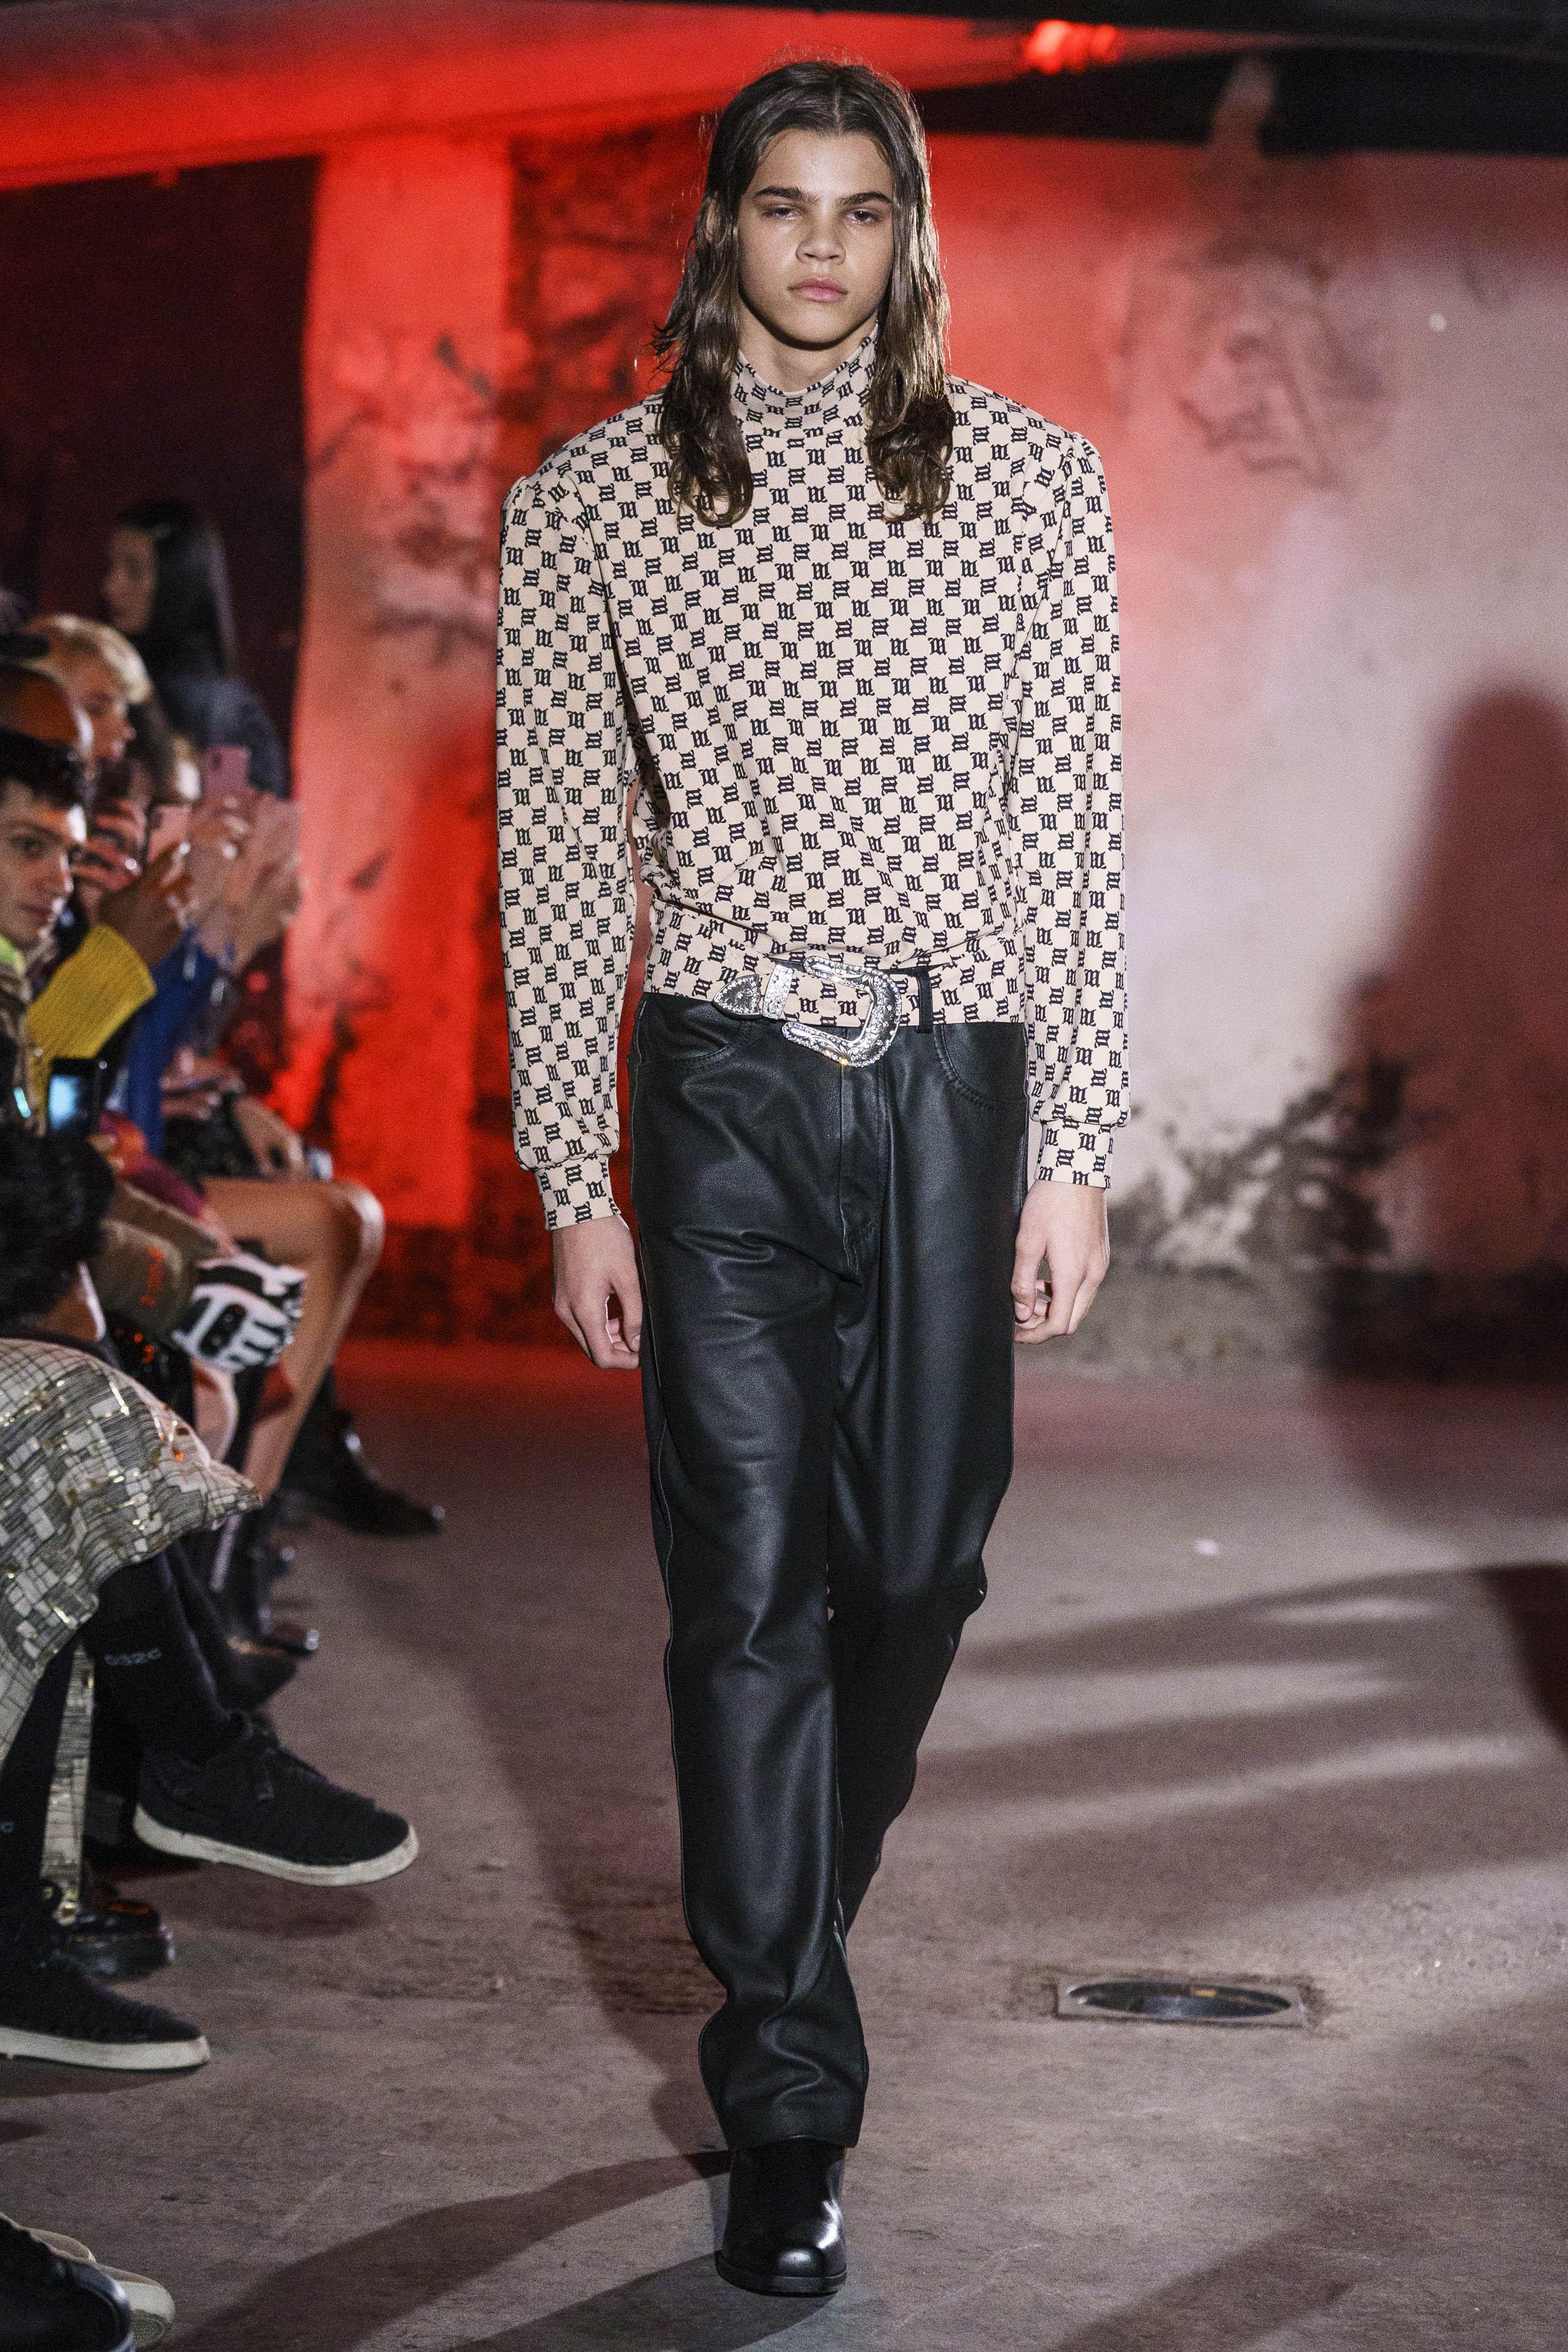 6720f16f8a7025 Pokazy mody męskiej 2019 - Fashionpost